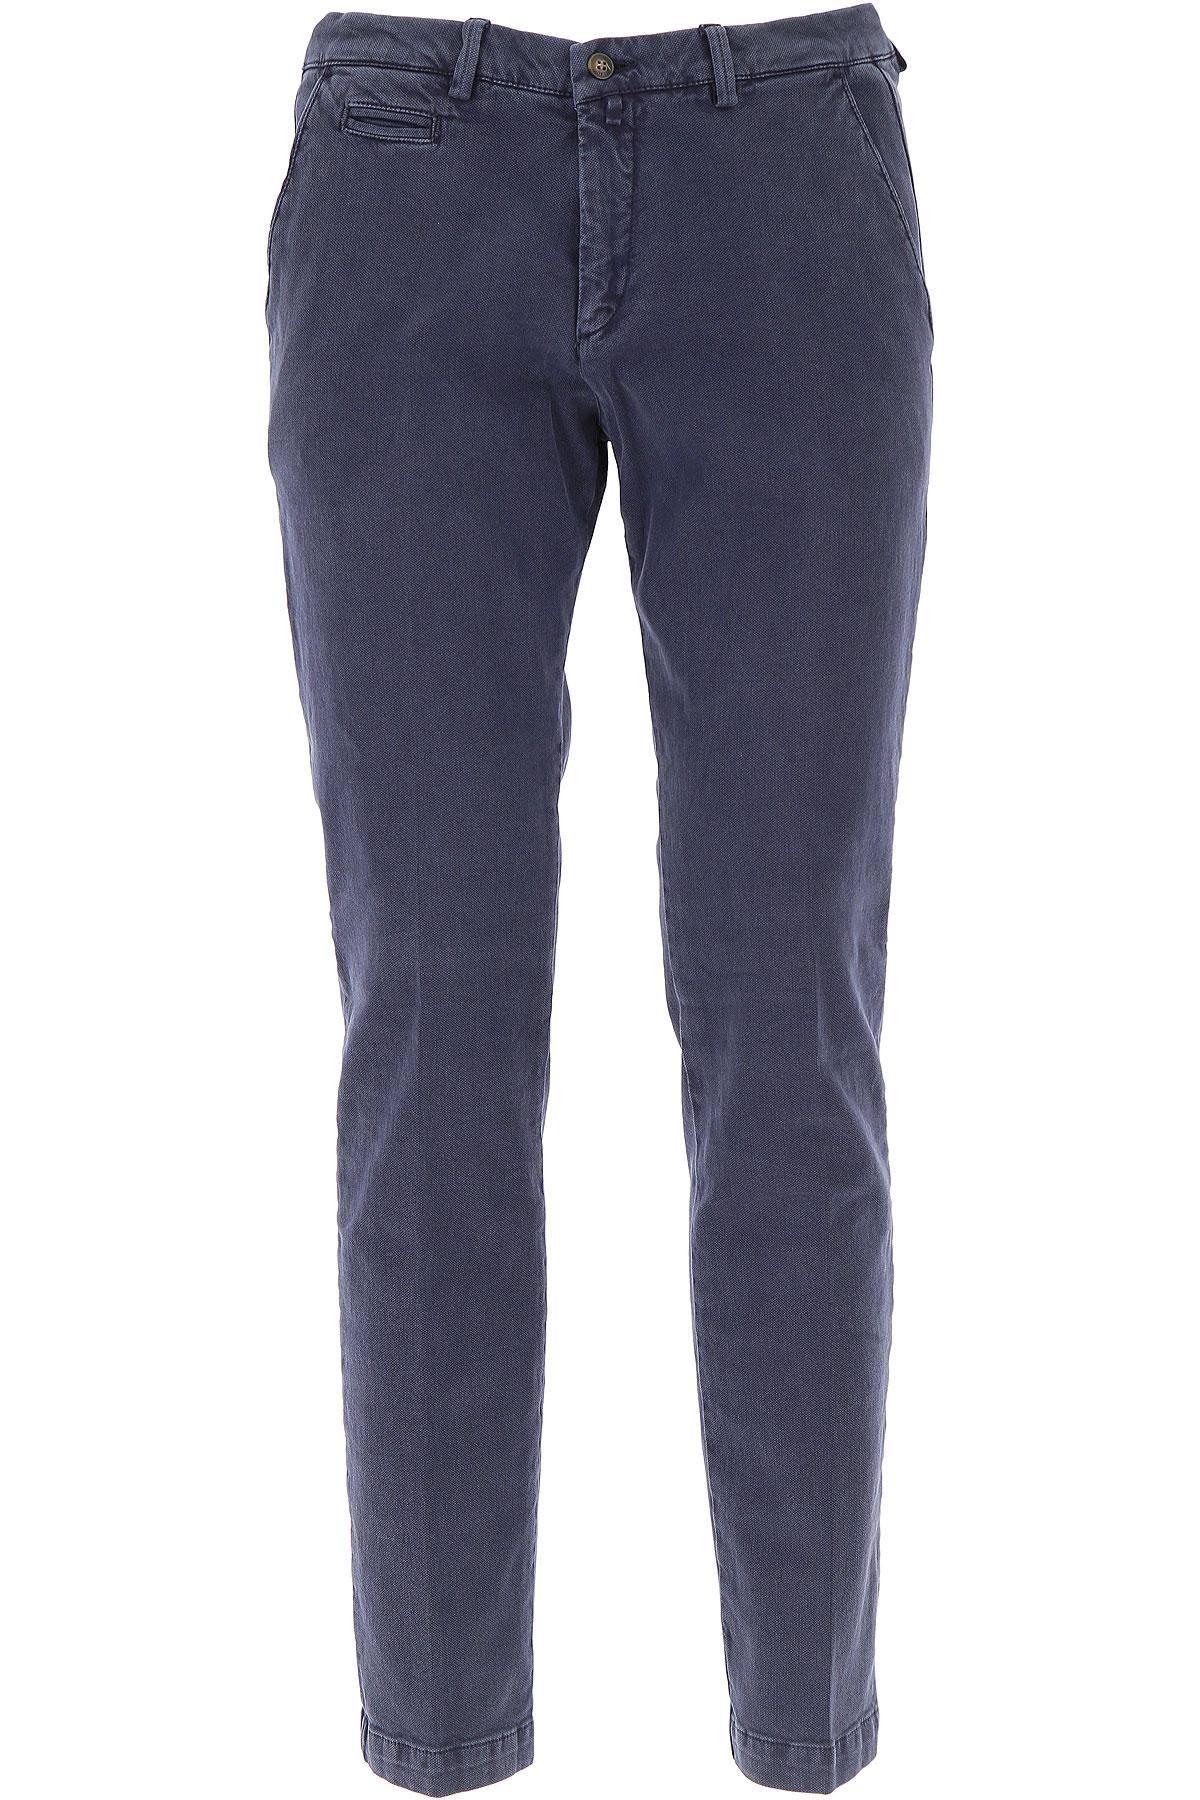 Image of Briglia Pants for Men, Night Blue, Cotton, 2017, US 34 - EU 48 US 36 - EU 50 US 38 - EU 52